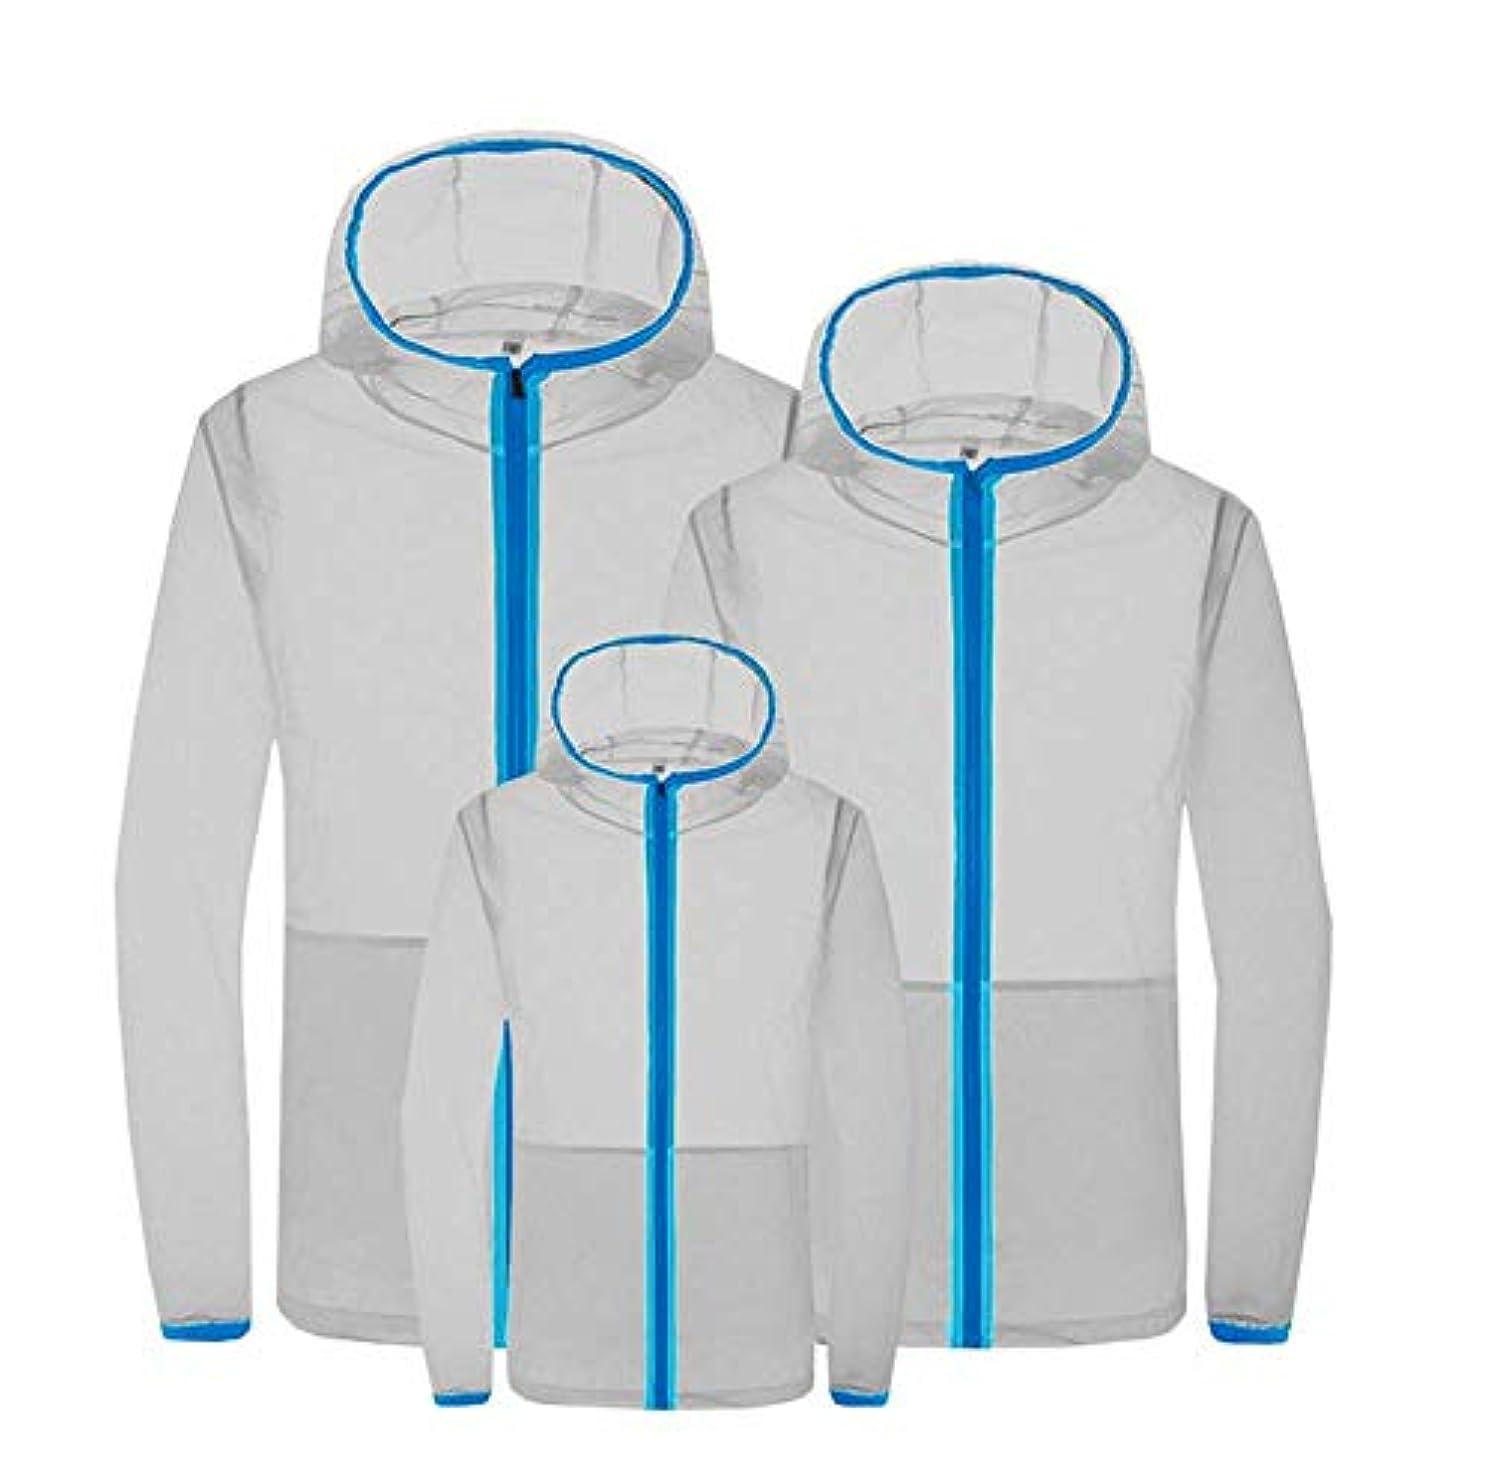 パキスタン申し立てる方法論夏のエアコンスーツスマート3速冷却スーツ日焼け防止服防滴防蚊服ファン冷却肌の服,Gray,S